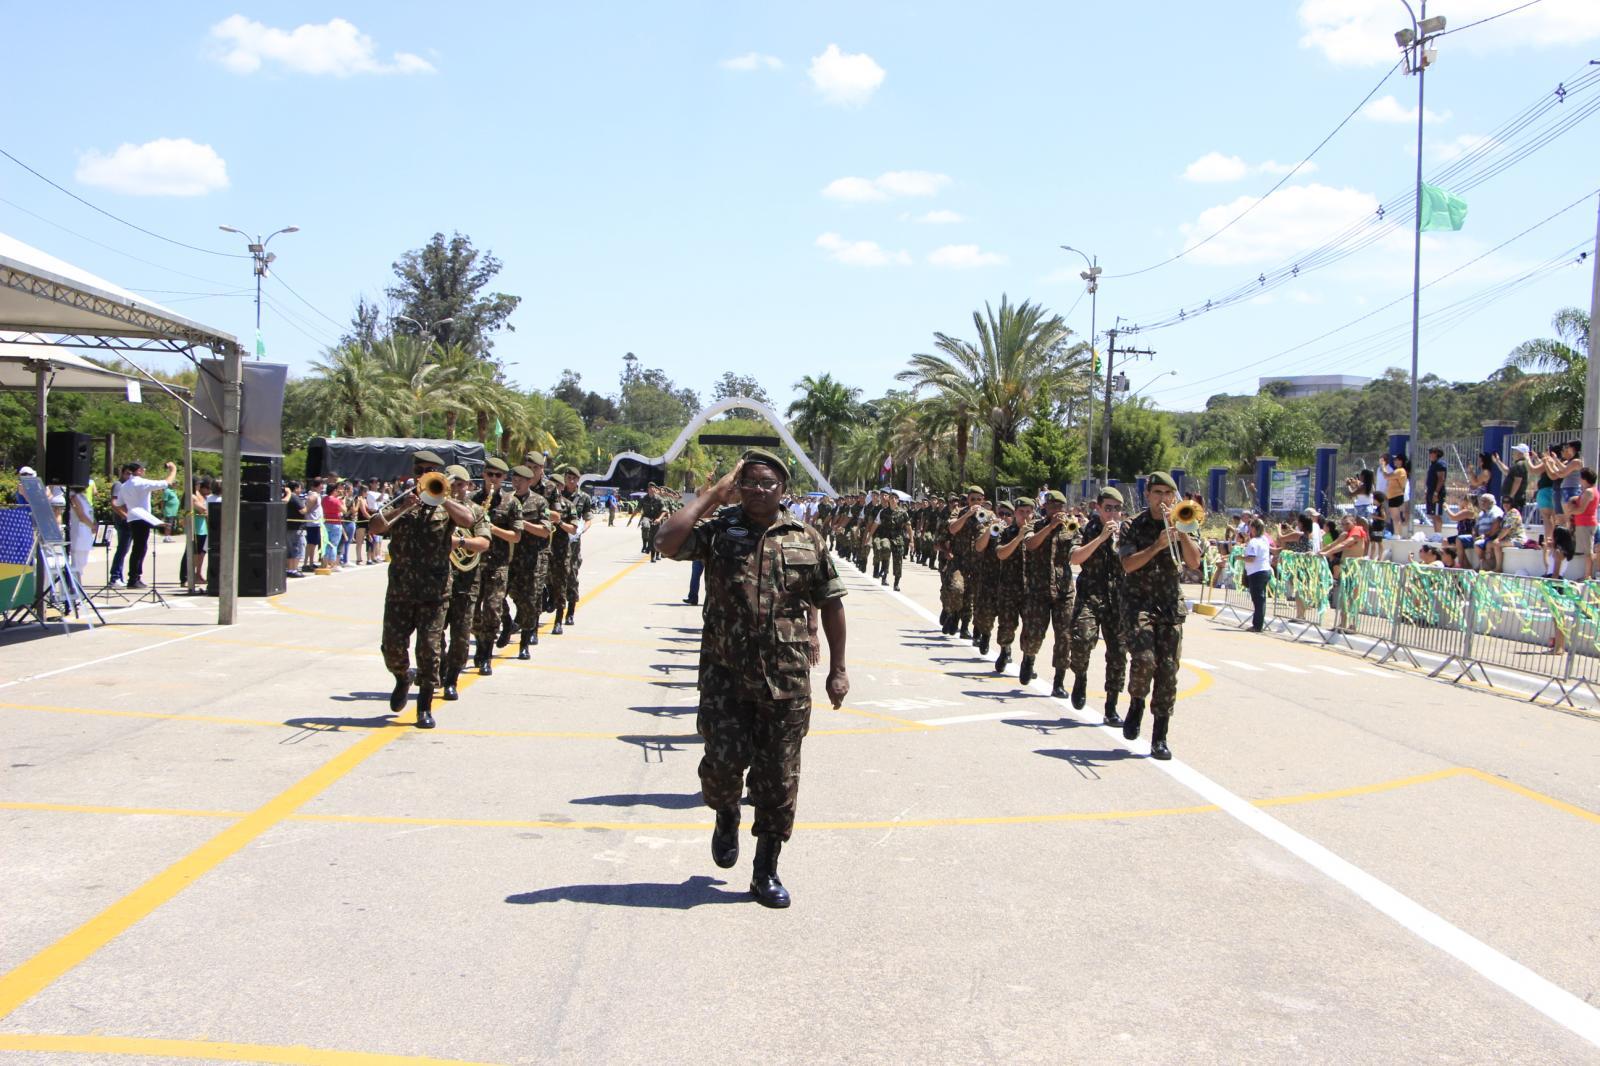 Homenagens e desfile na comemoração do centenário do Tiro de Guerra